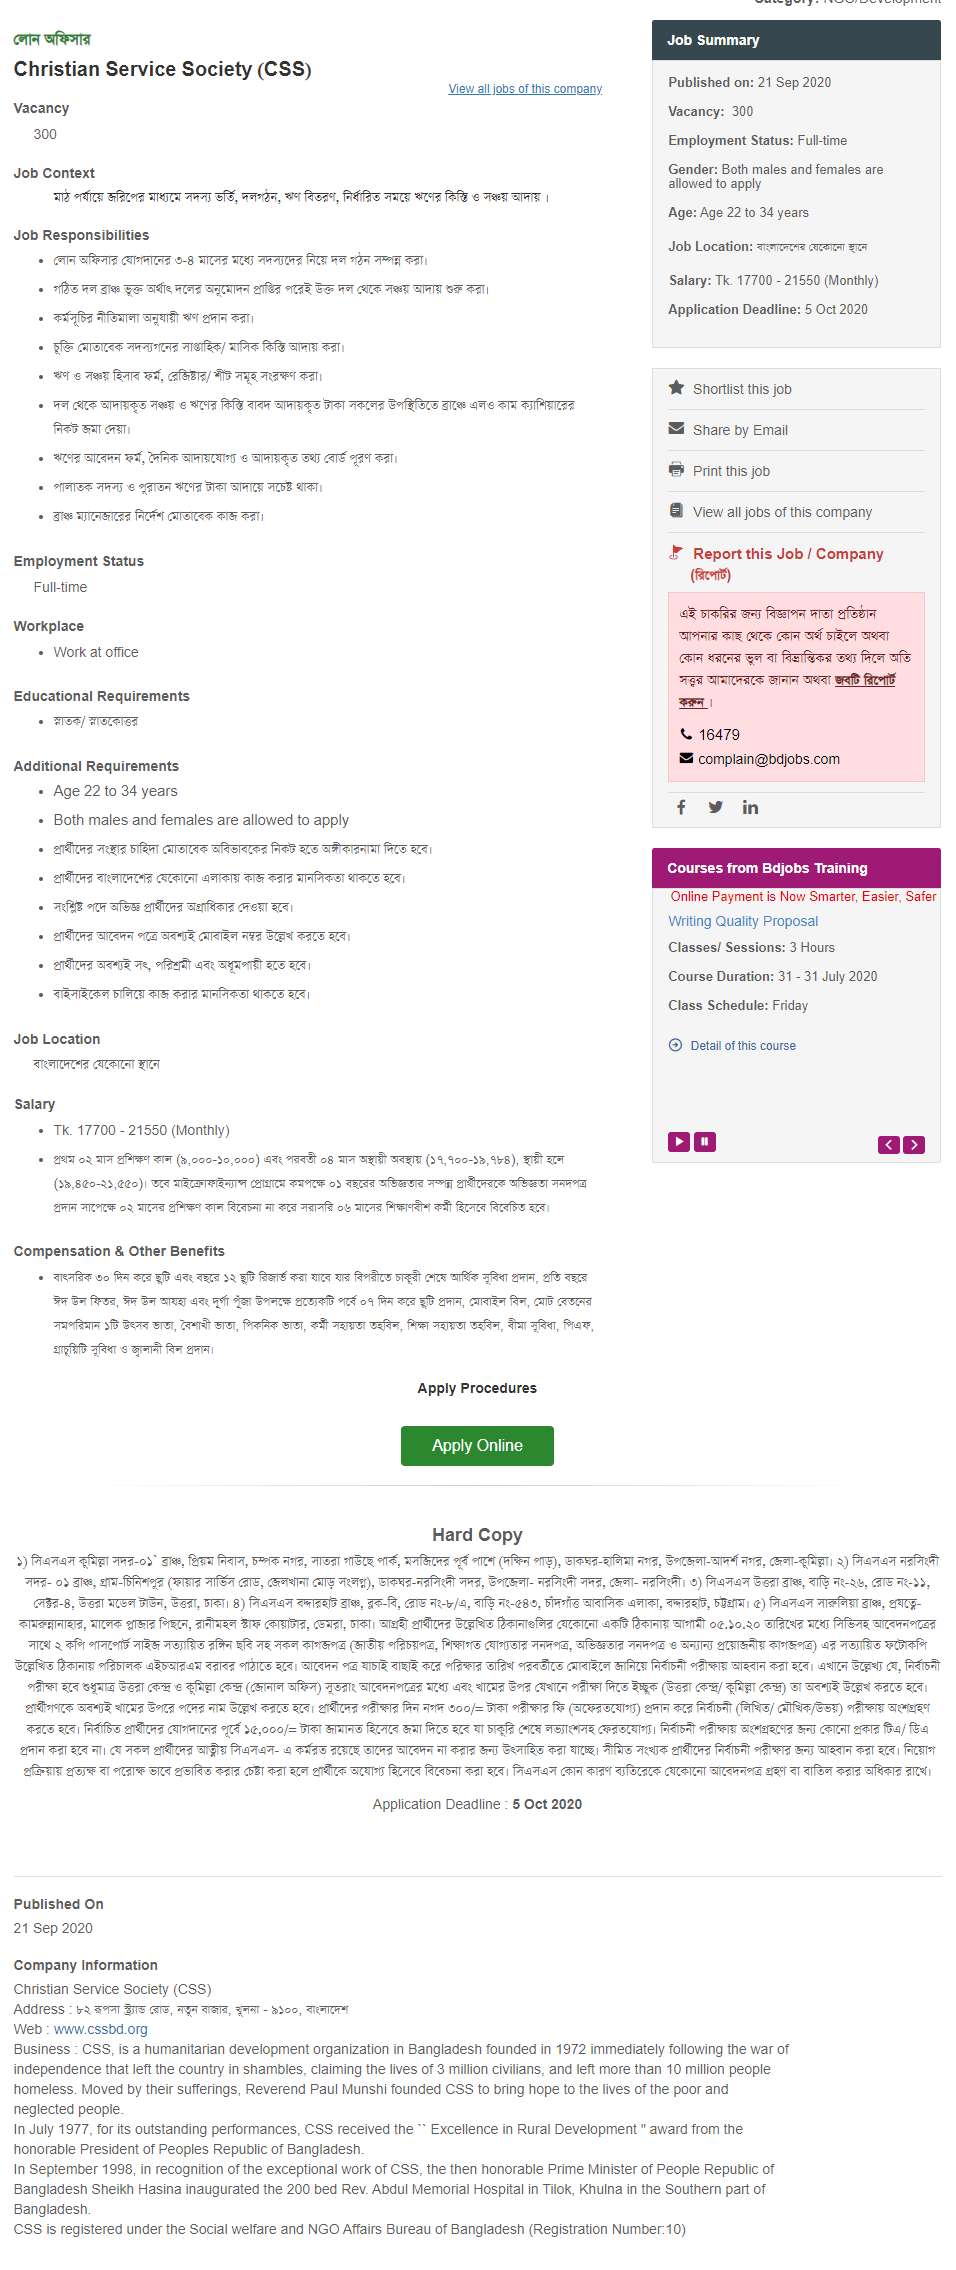 CSS Job Circular